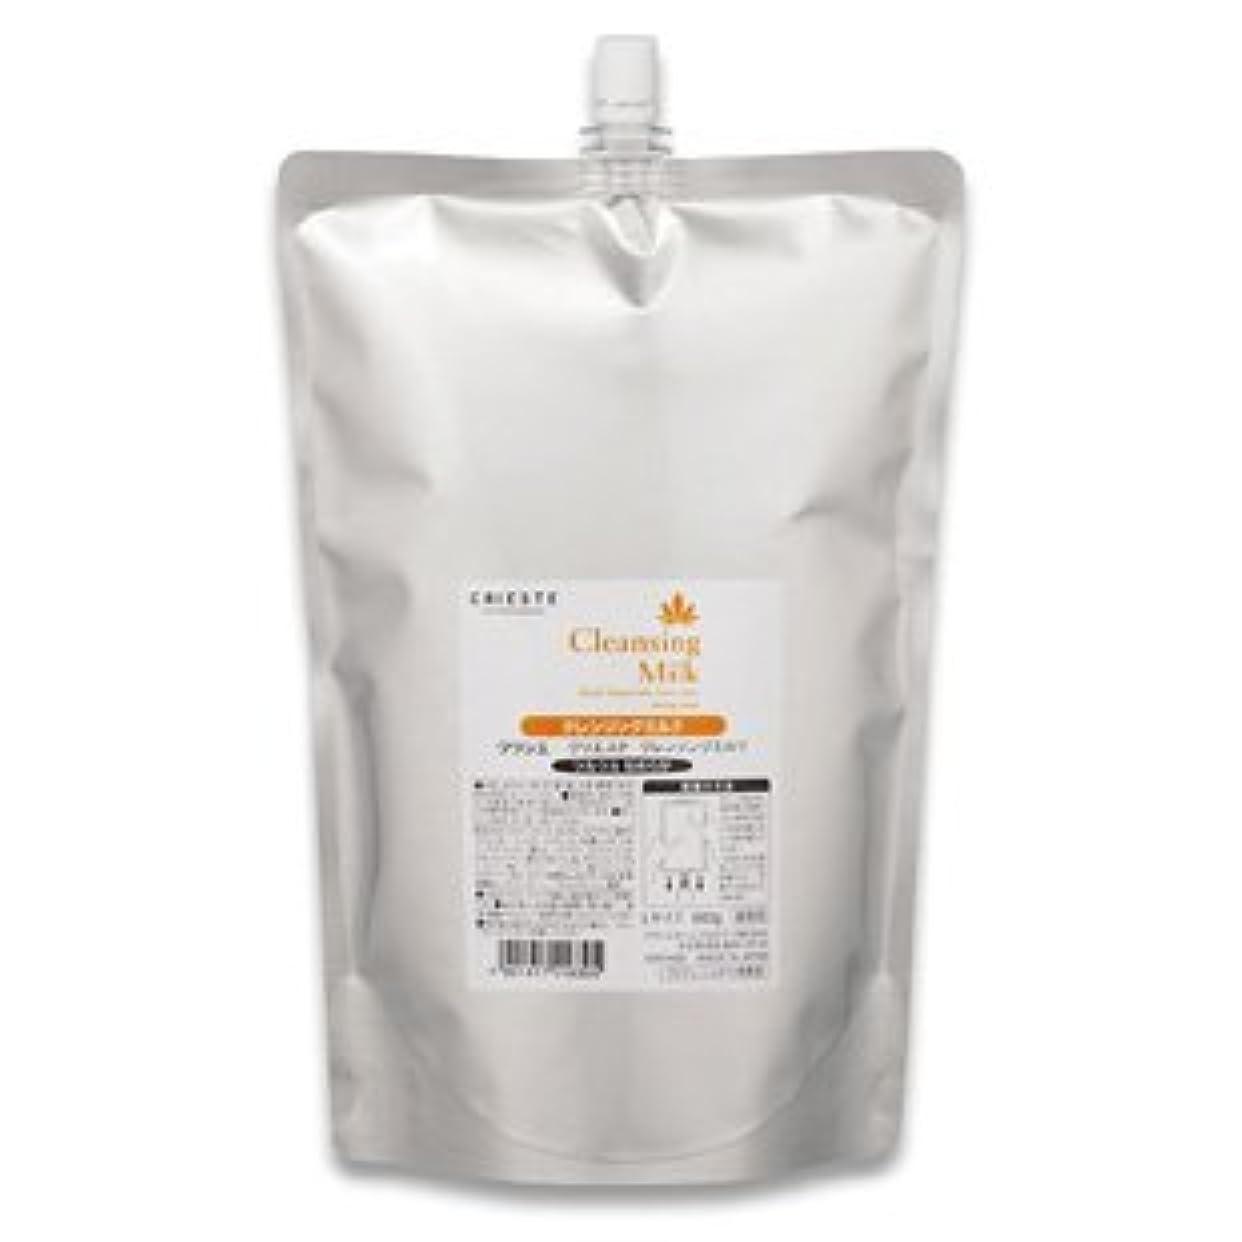 ライドアルミニウム確立しますクラシエ クリエステ クレンジングミルク 900g×2 【詰替サイズ】